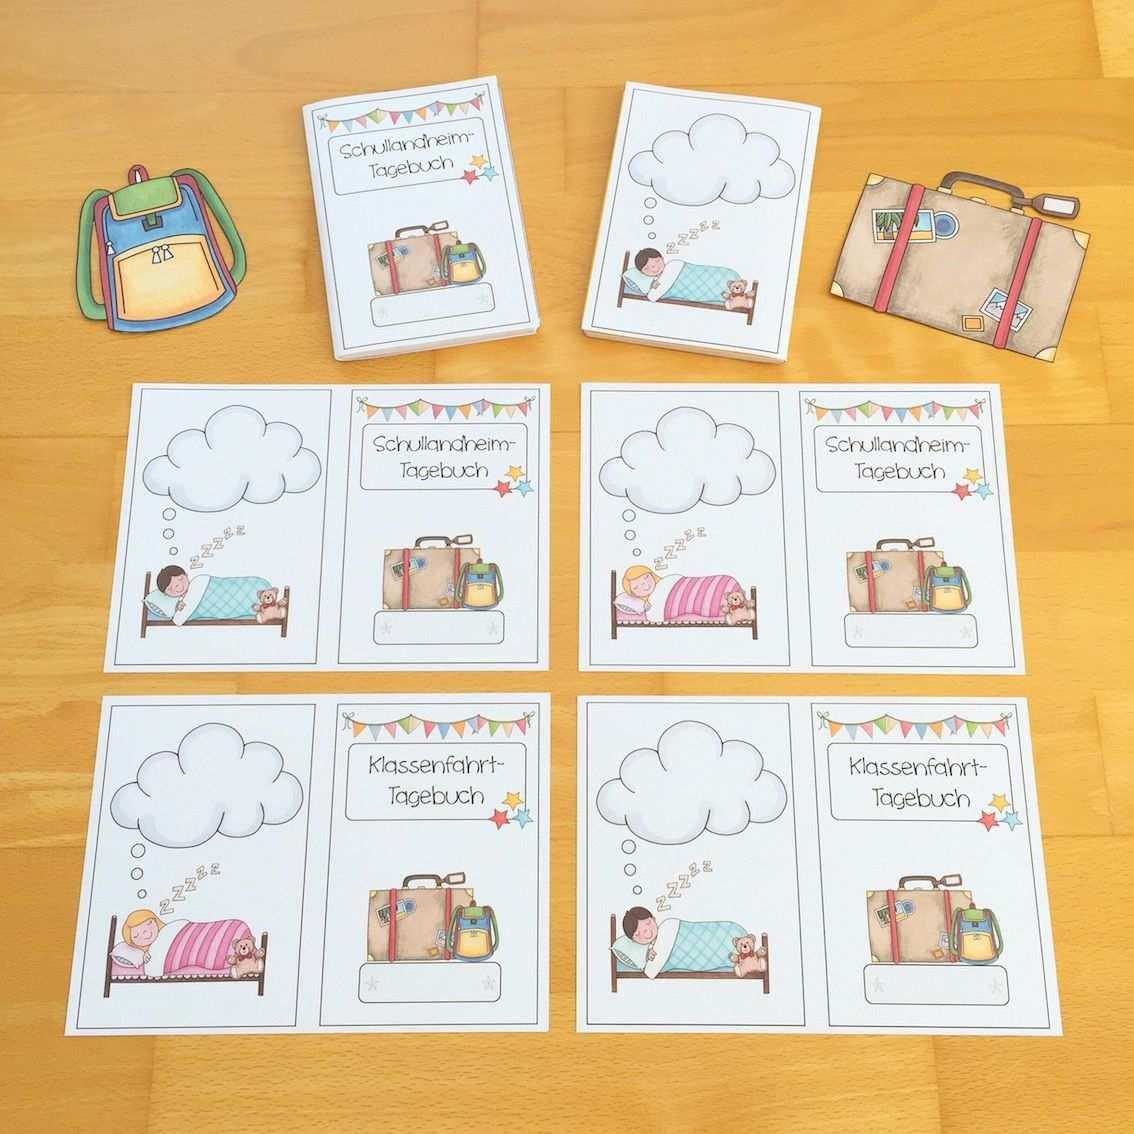 Tagebuch Schreiben Auf Klassenfahrt Klassenfahrt Schullandheim Erste Klasse